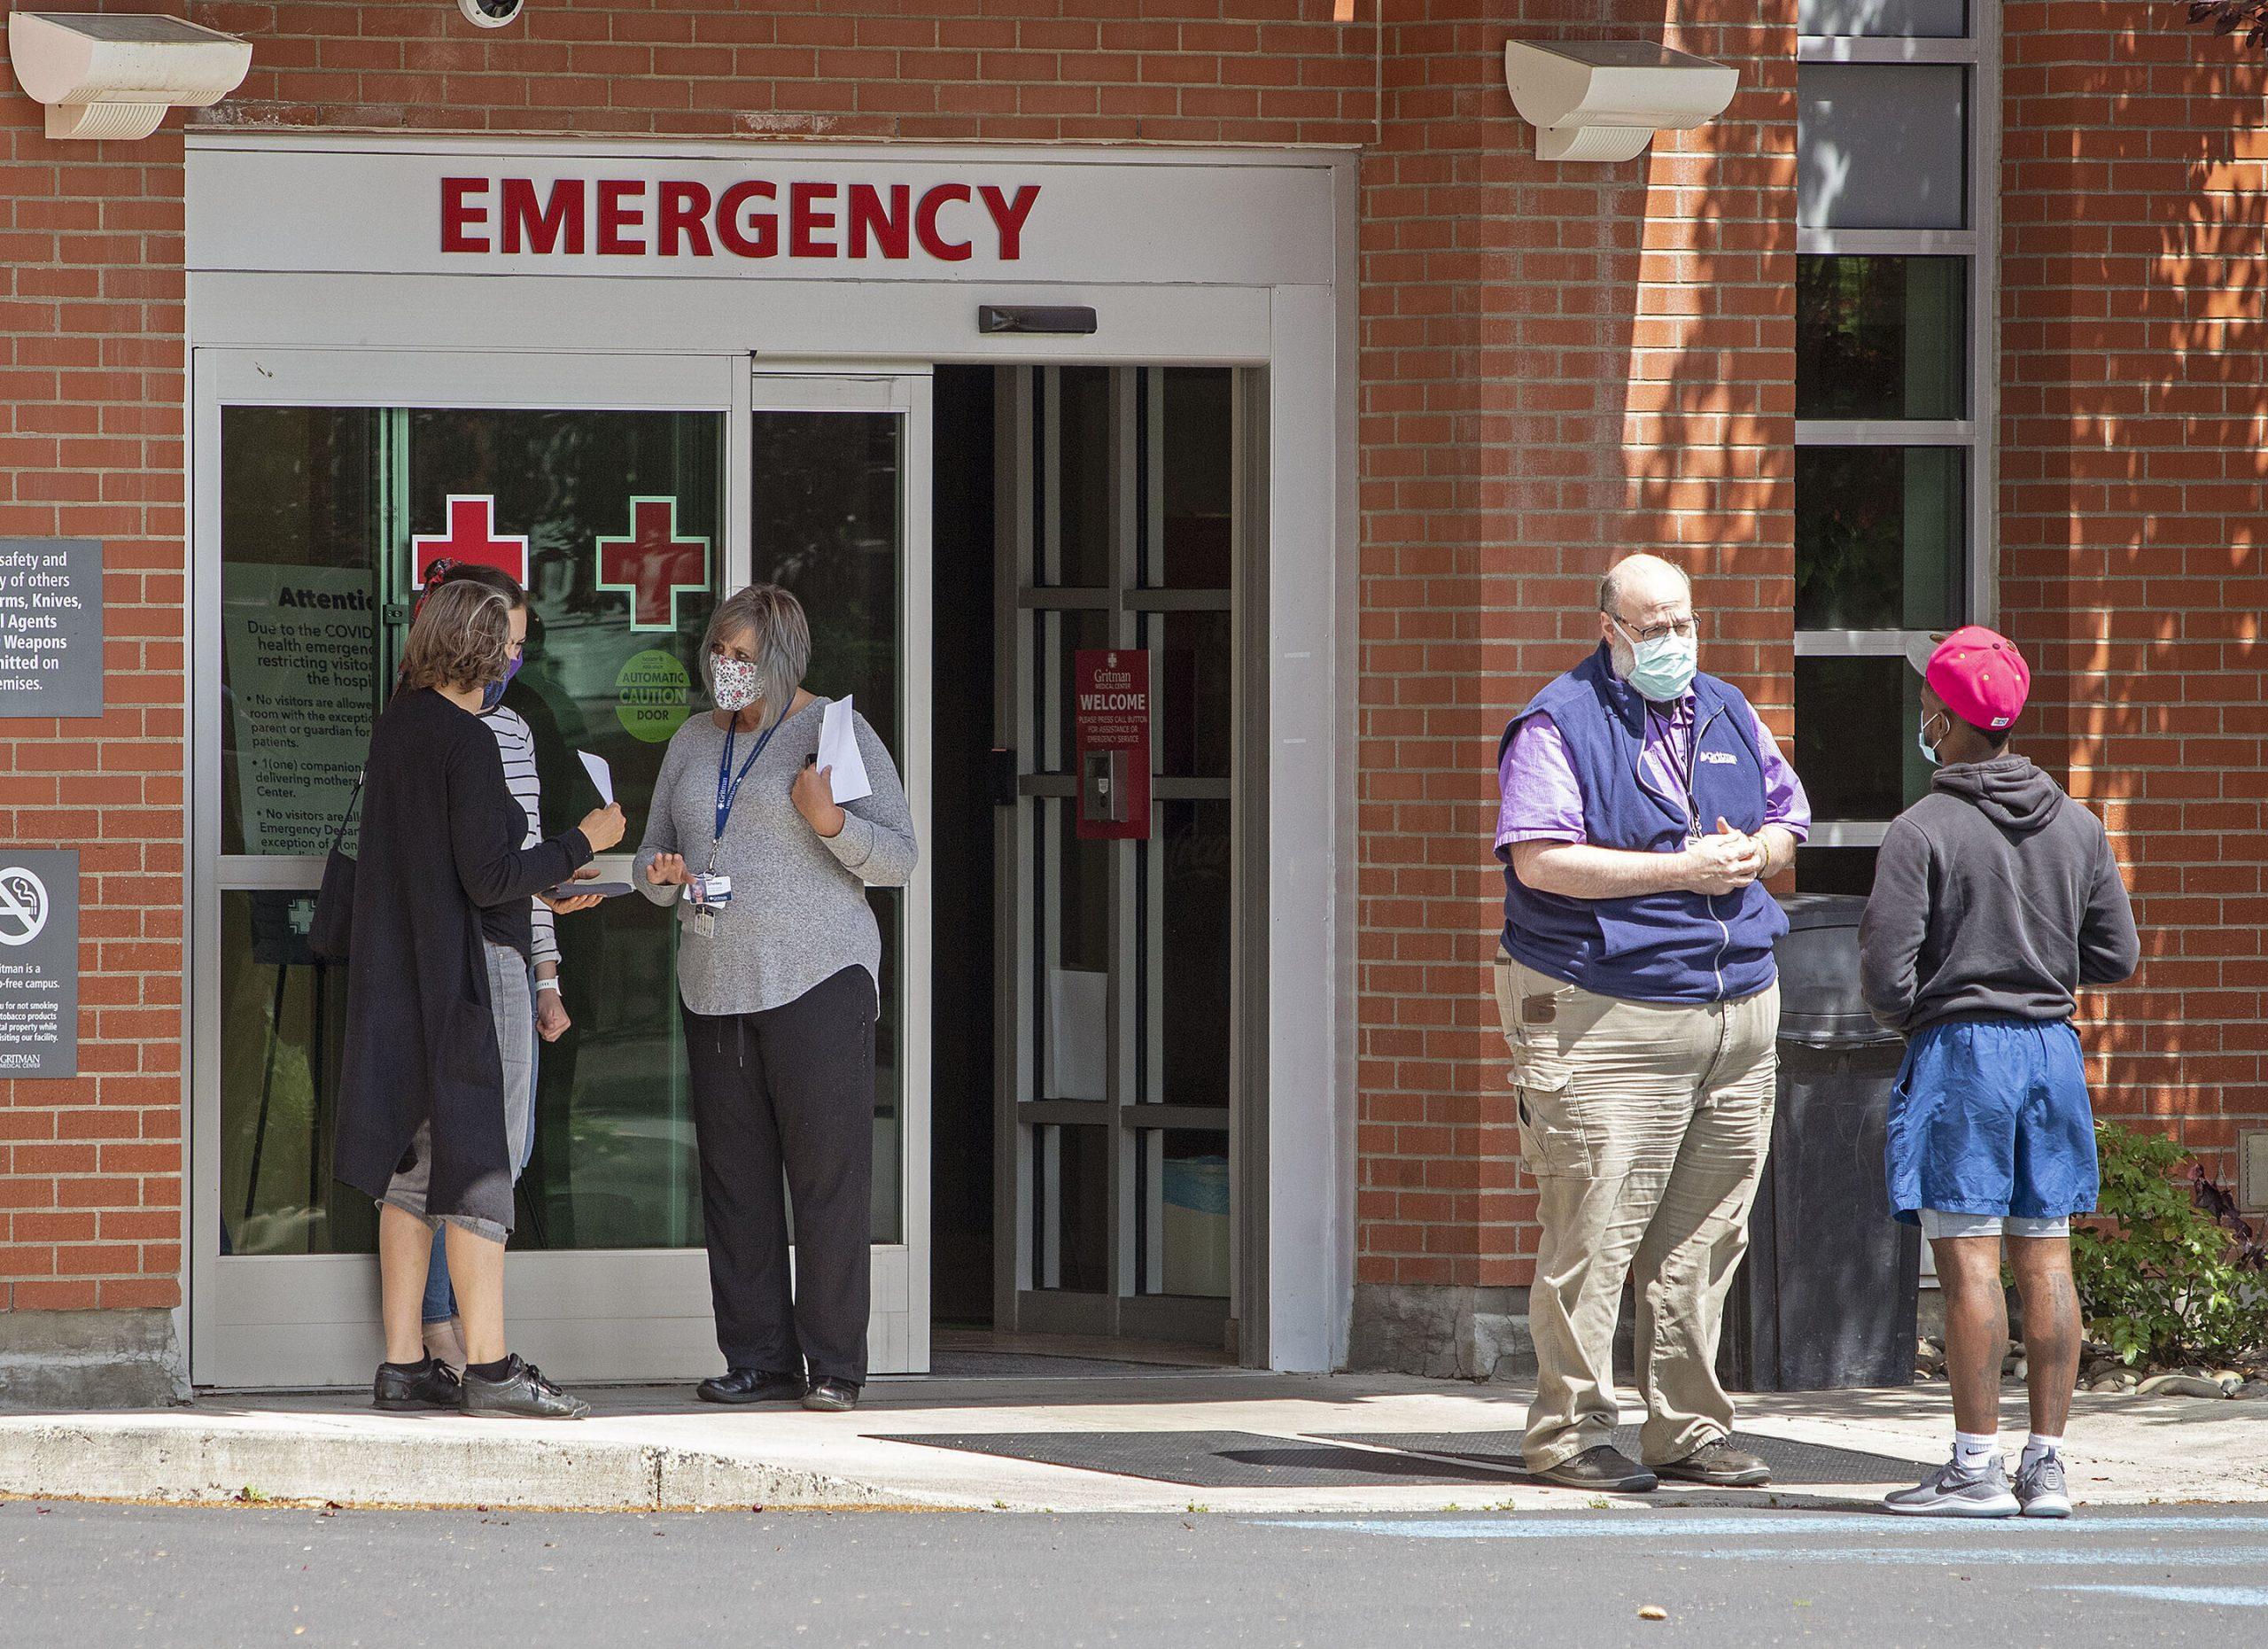 Fälle des coronavirus in Idaho spike nach Unternehmen öffnen